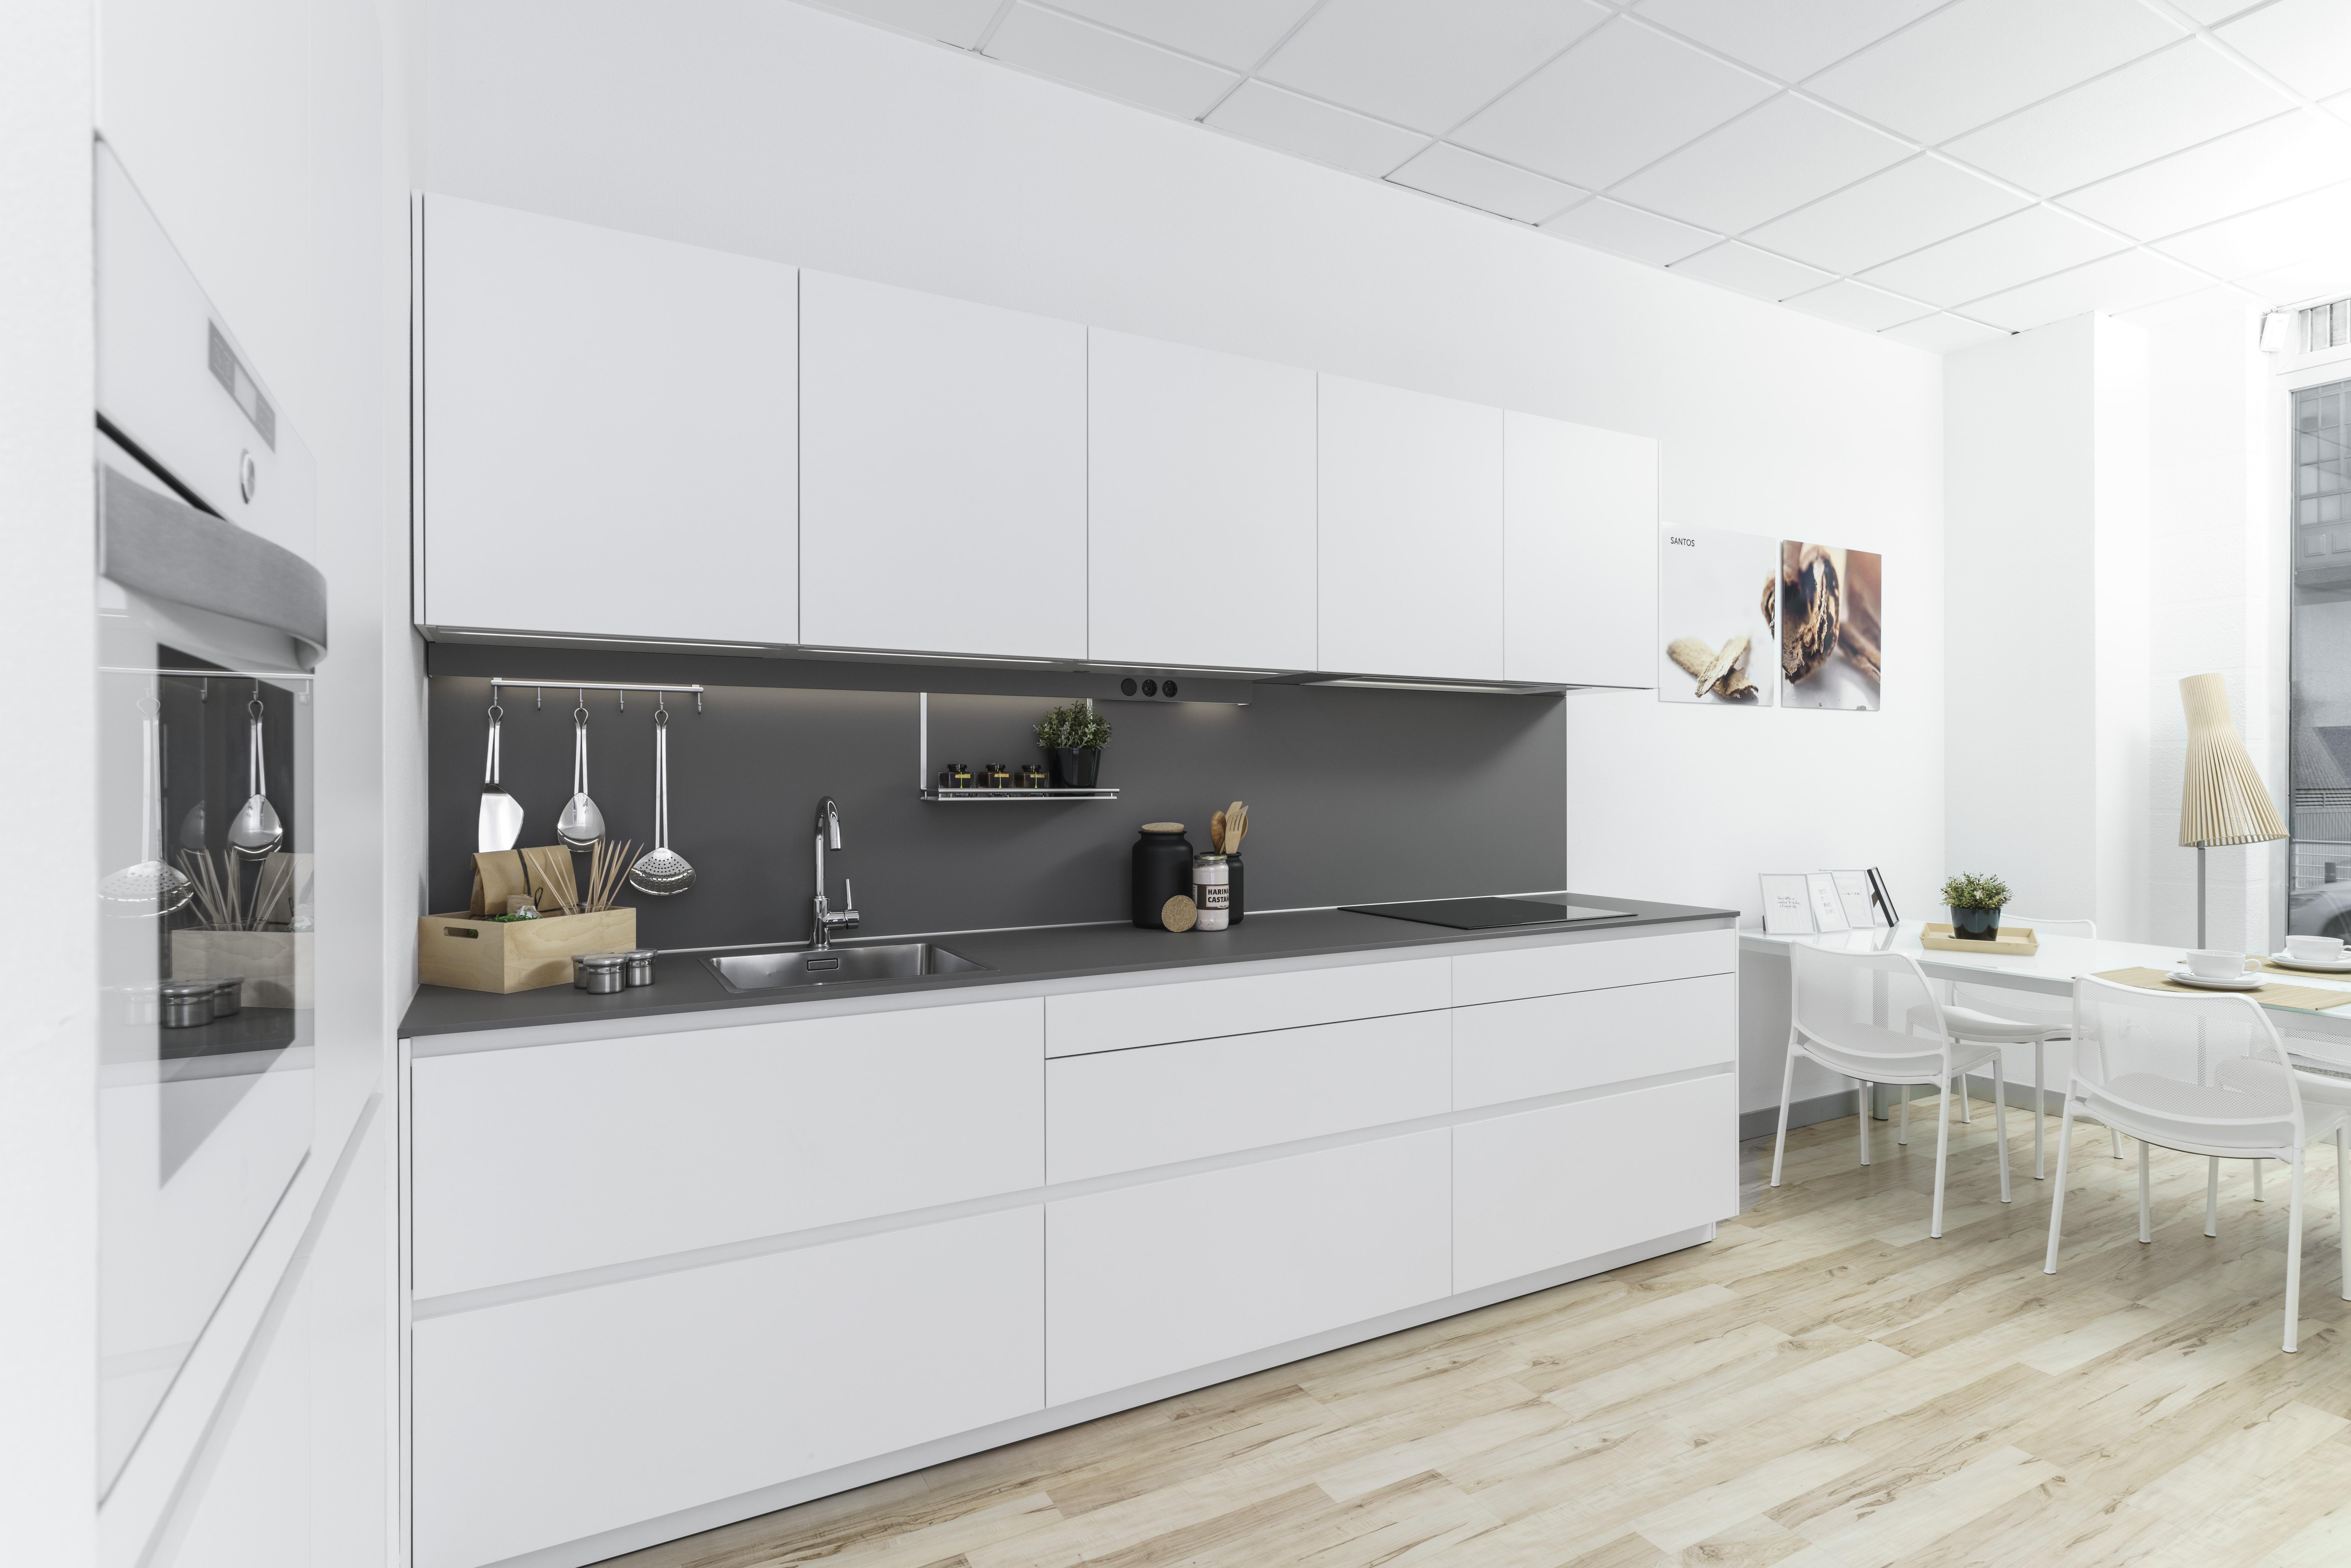 Image oferta-comprar-cocina-santos-santiago-interiores